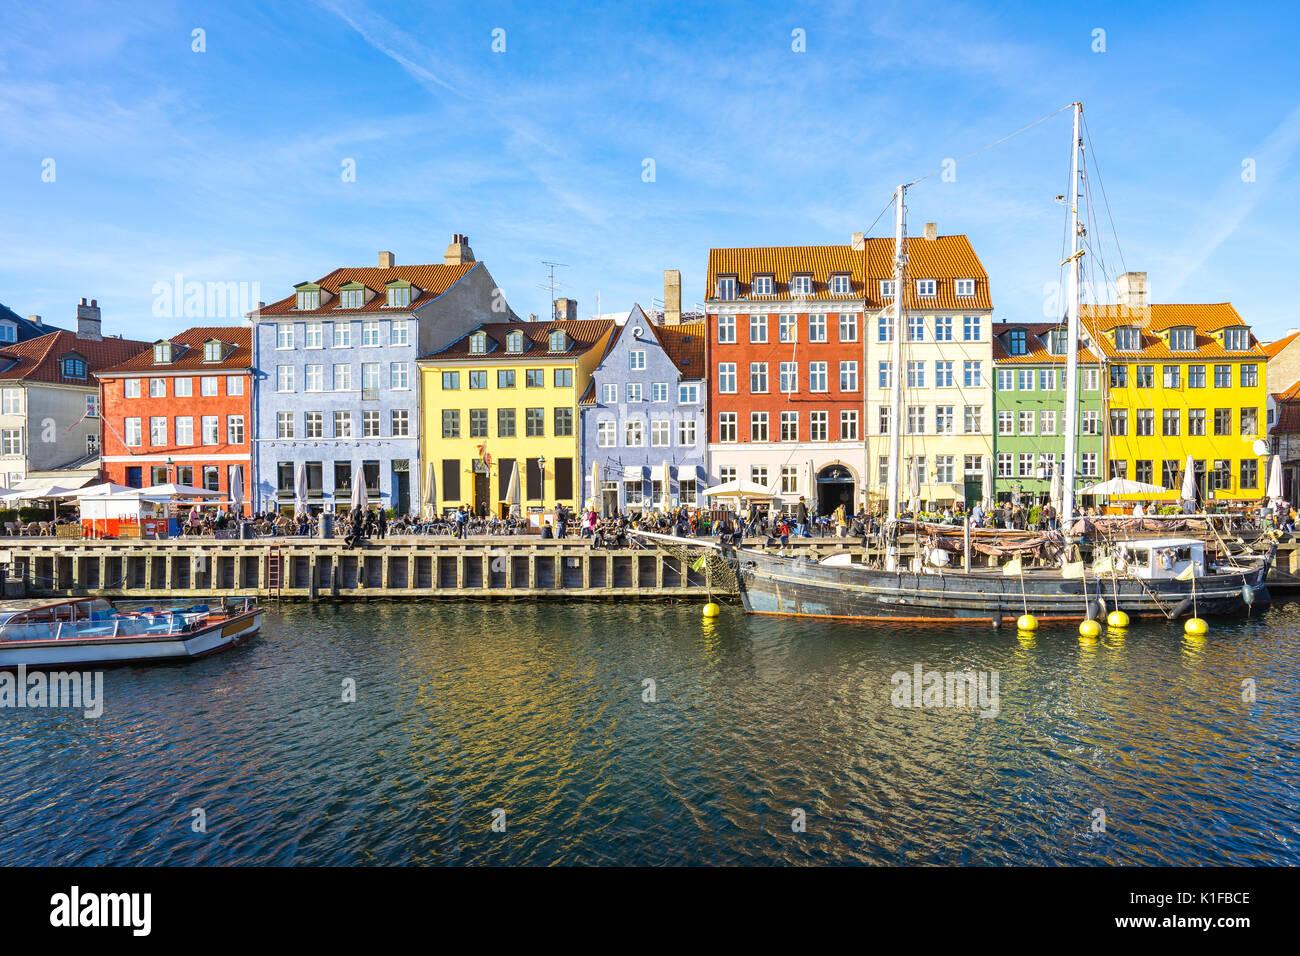 Kopenhagen, Dänemark - 1. Mai 2017: Nyhavn war ursprünglich ein geschäftiger kommerziellen Hafen wo Schiffe aus der ganzen Welt Andocken würde. Das Gebiet war brechend voll, wi Stockbild